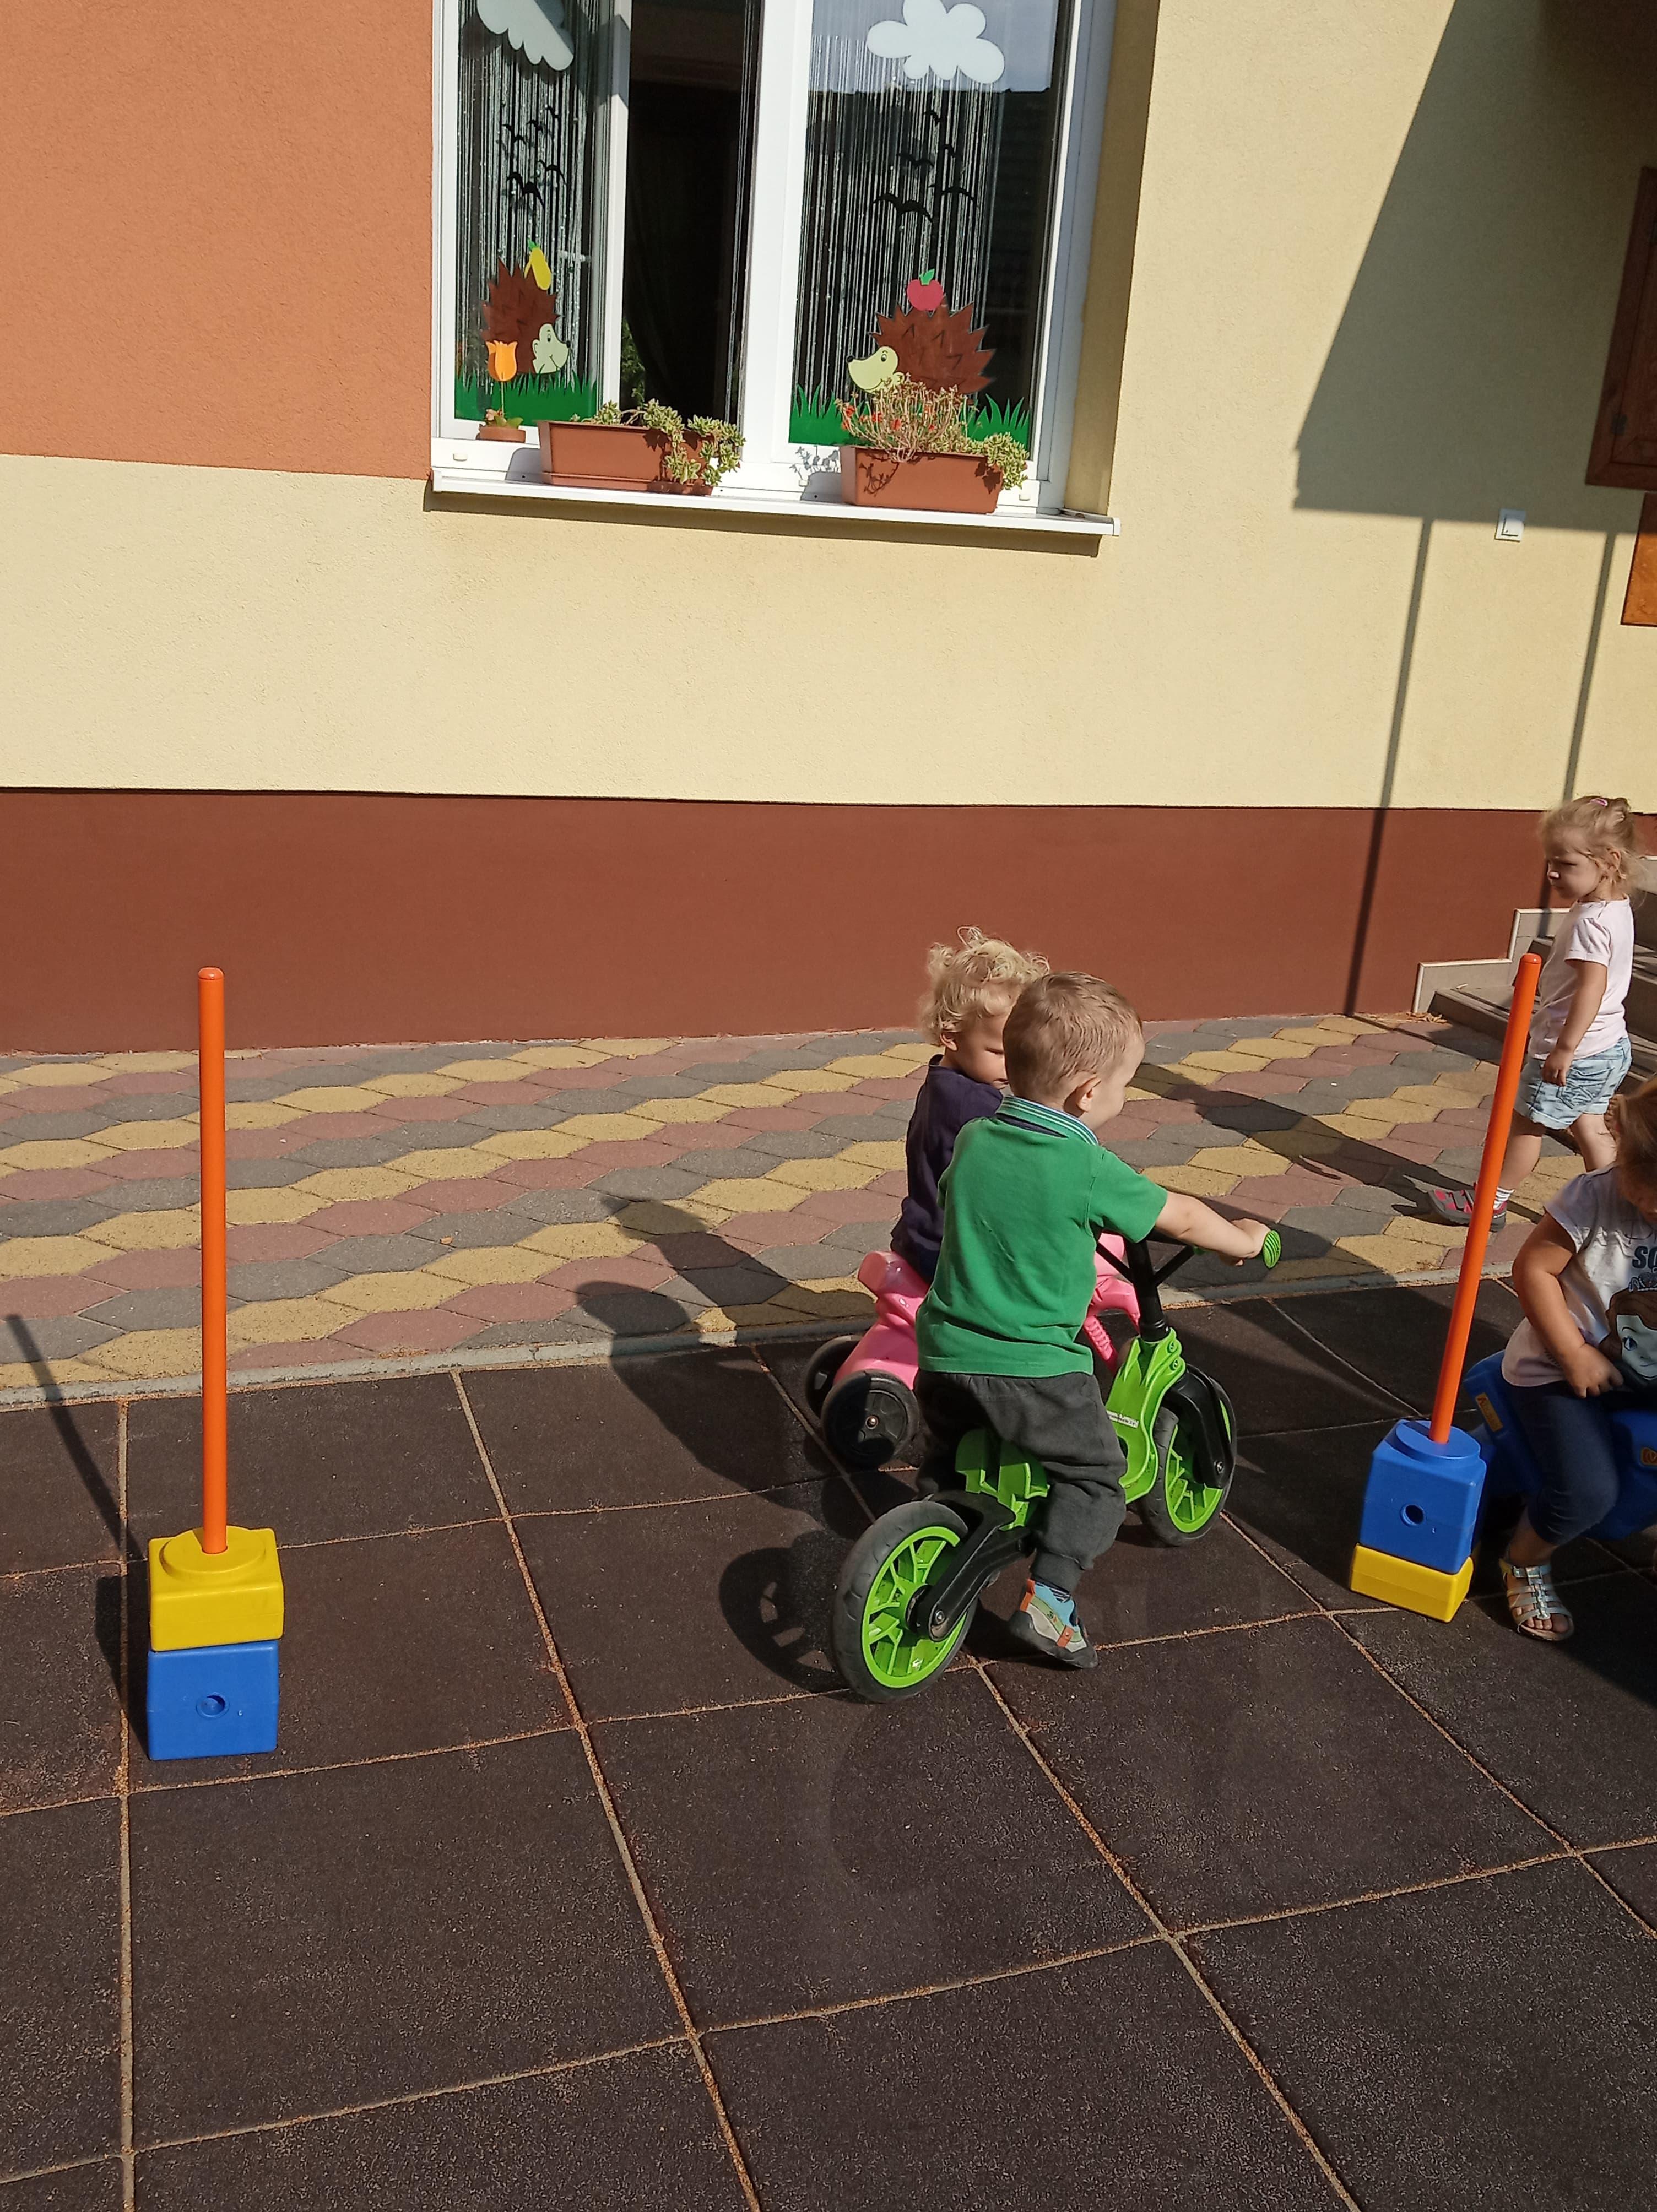 Európai Mobilitási Hét és Autómentes Nap - 2018 - Ötödik nap